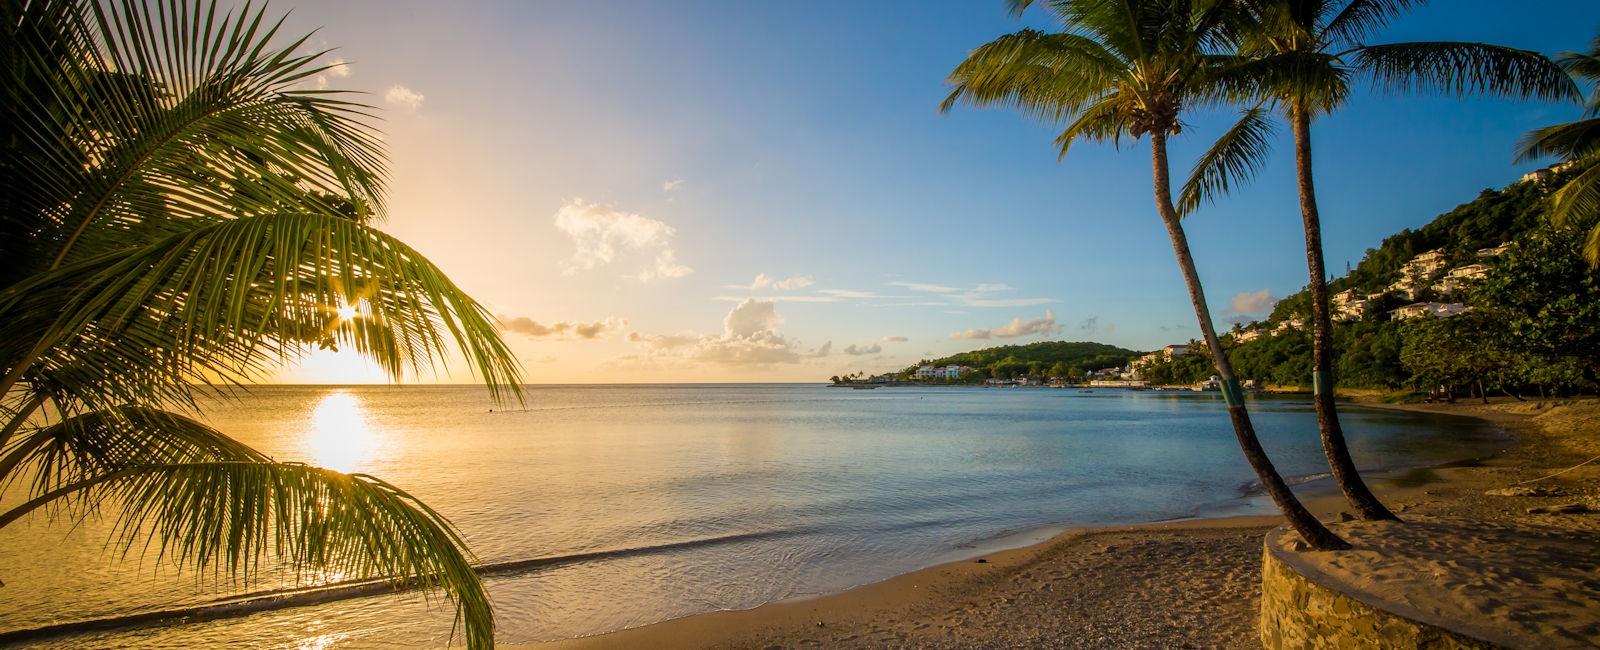 Luxury La Brelotte Bay Holidays